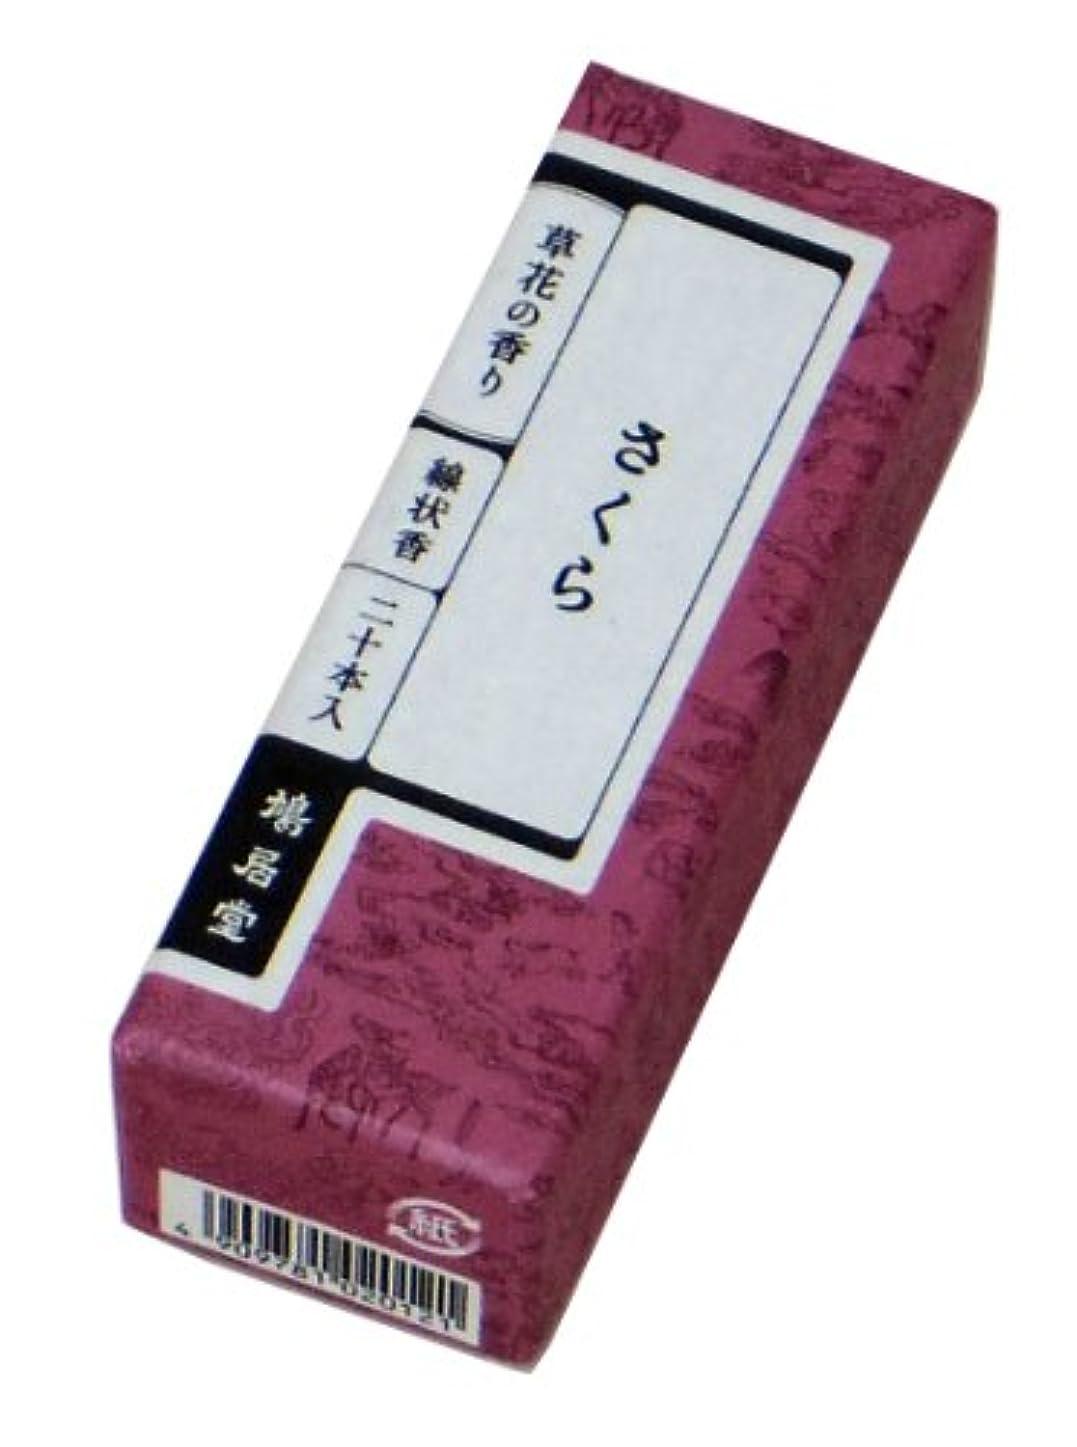 罪悪感スナップバケット鳩居堂のお香 草花の香り さくら 20本入 6cm